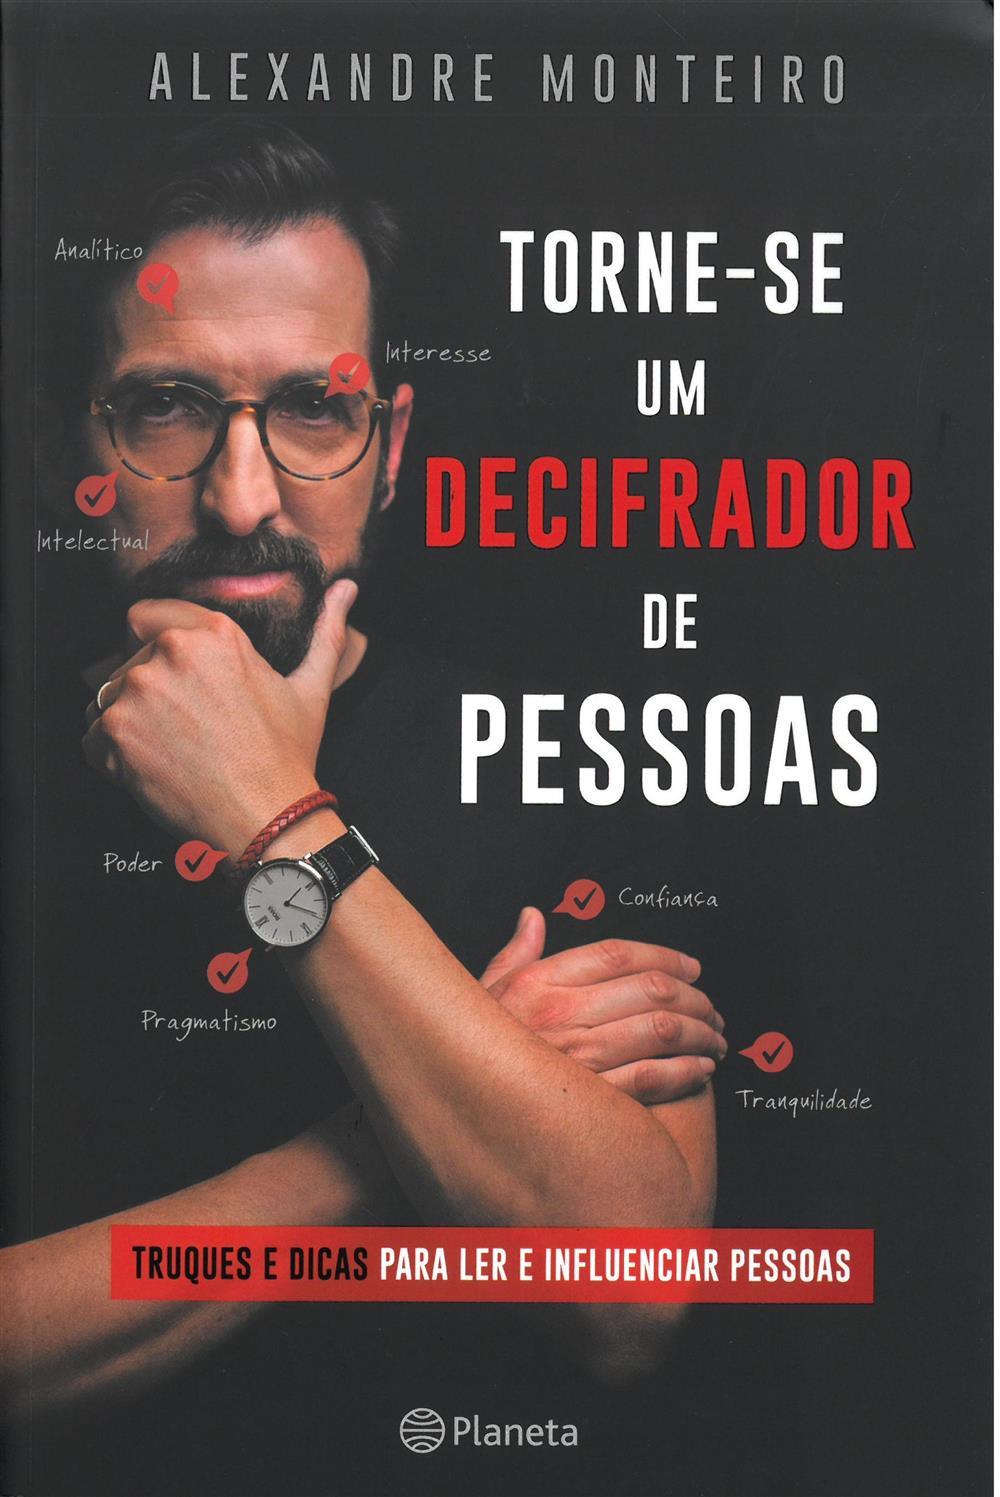 MONTEIRO, Alexandre (2021). Torne-se um decifrador de pessoas.jpg